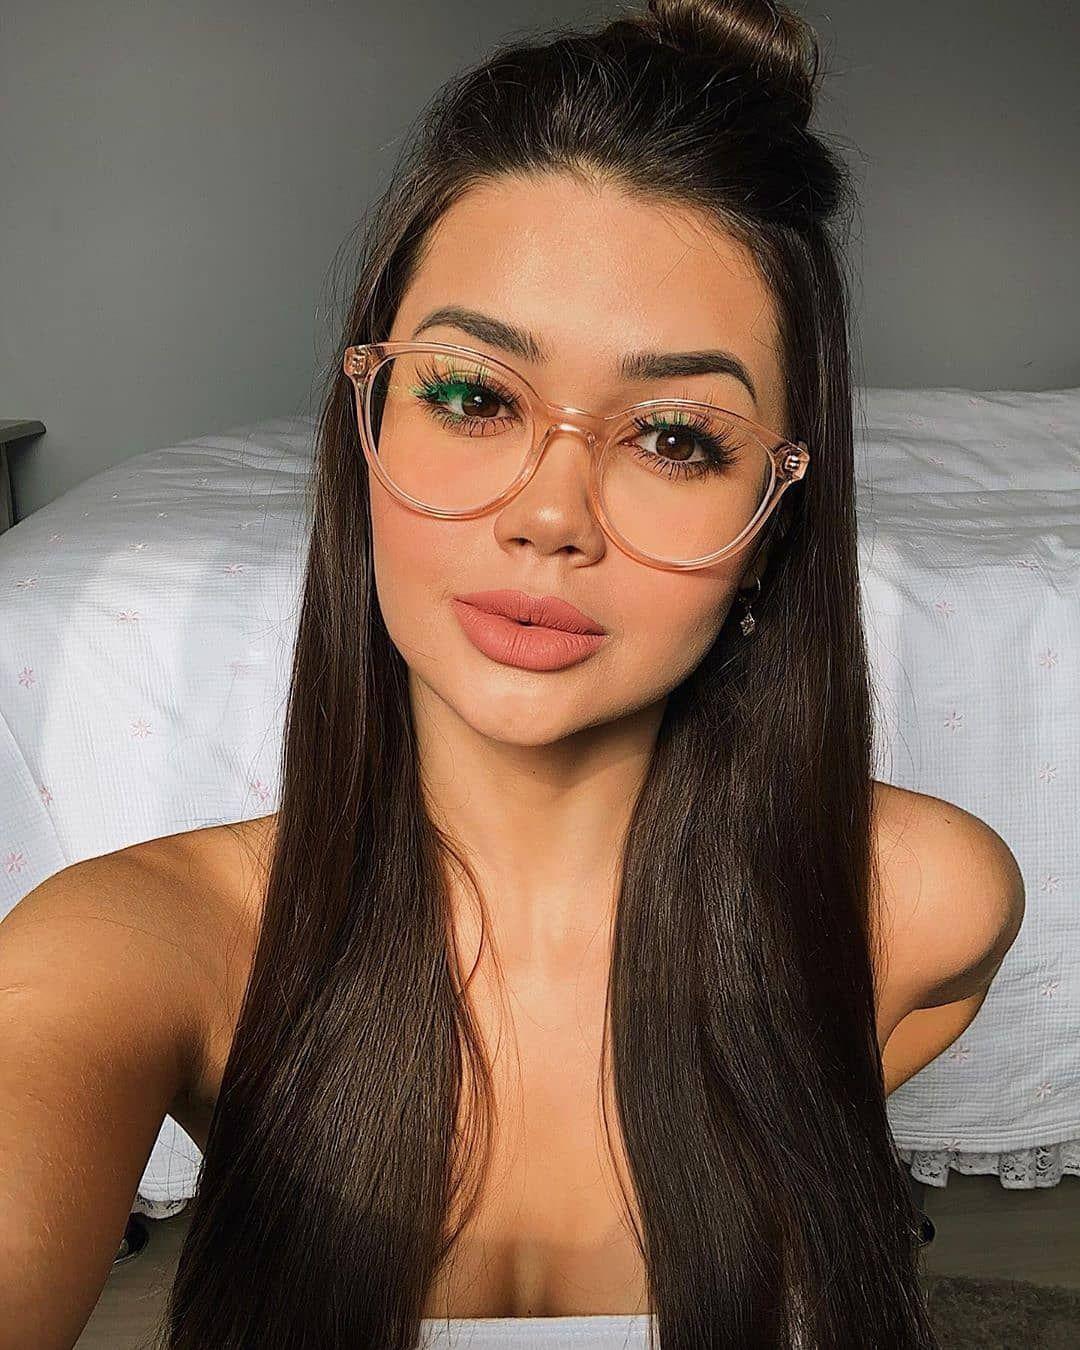 Pin De Cristina Mereu Em Glasses Em 2020 Oculos Feminino